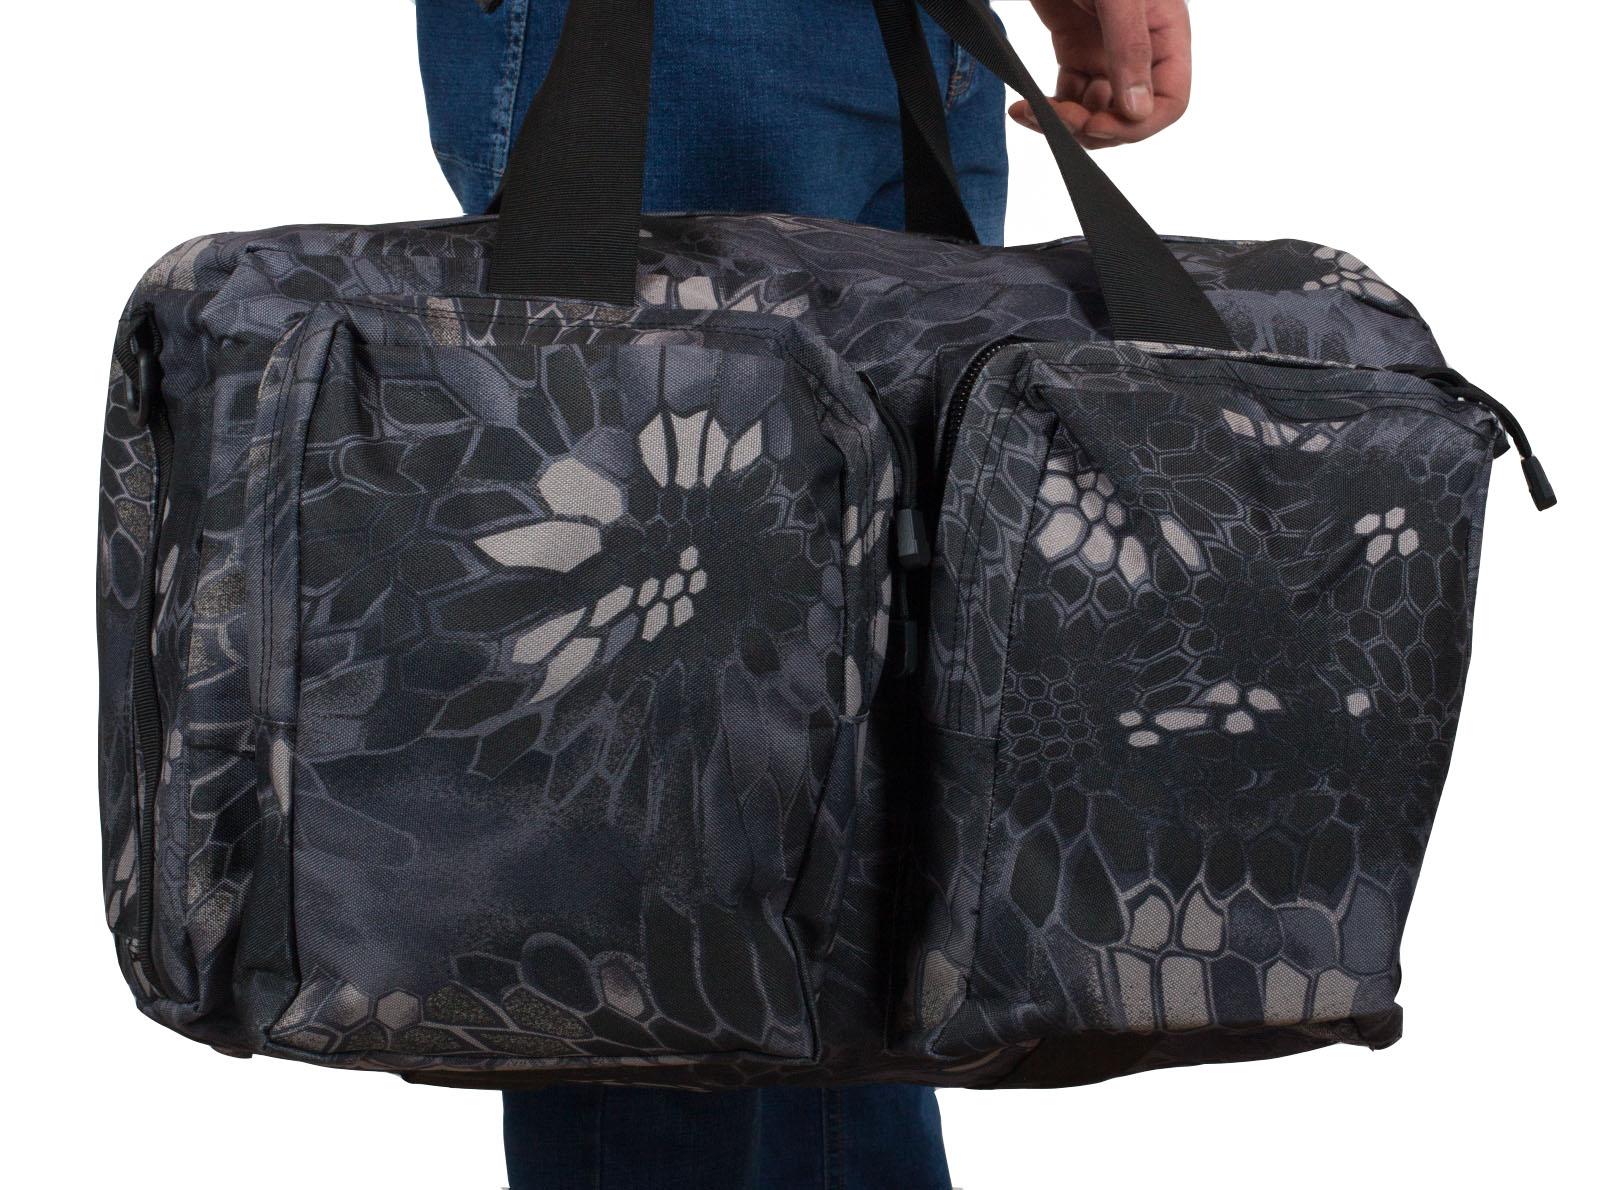 Заплечная дорожная сумка с нашивкой Рожден в СССР - заказать выгодно